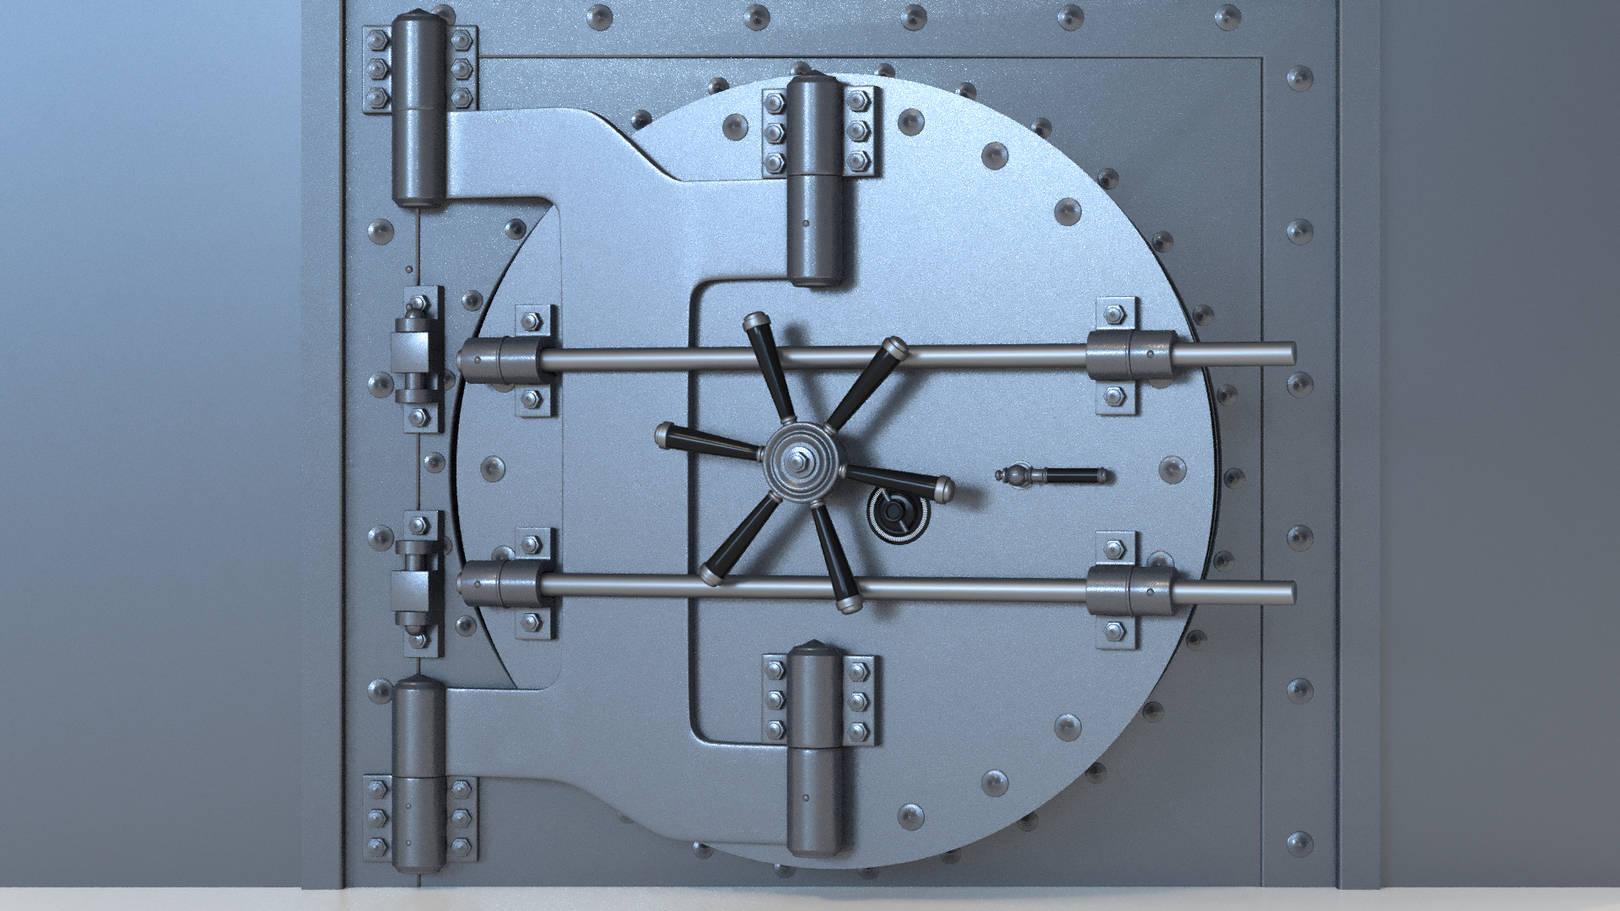 Анимация открывания сейфа.